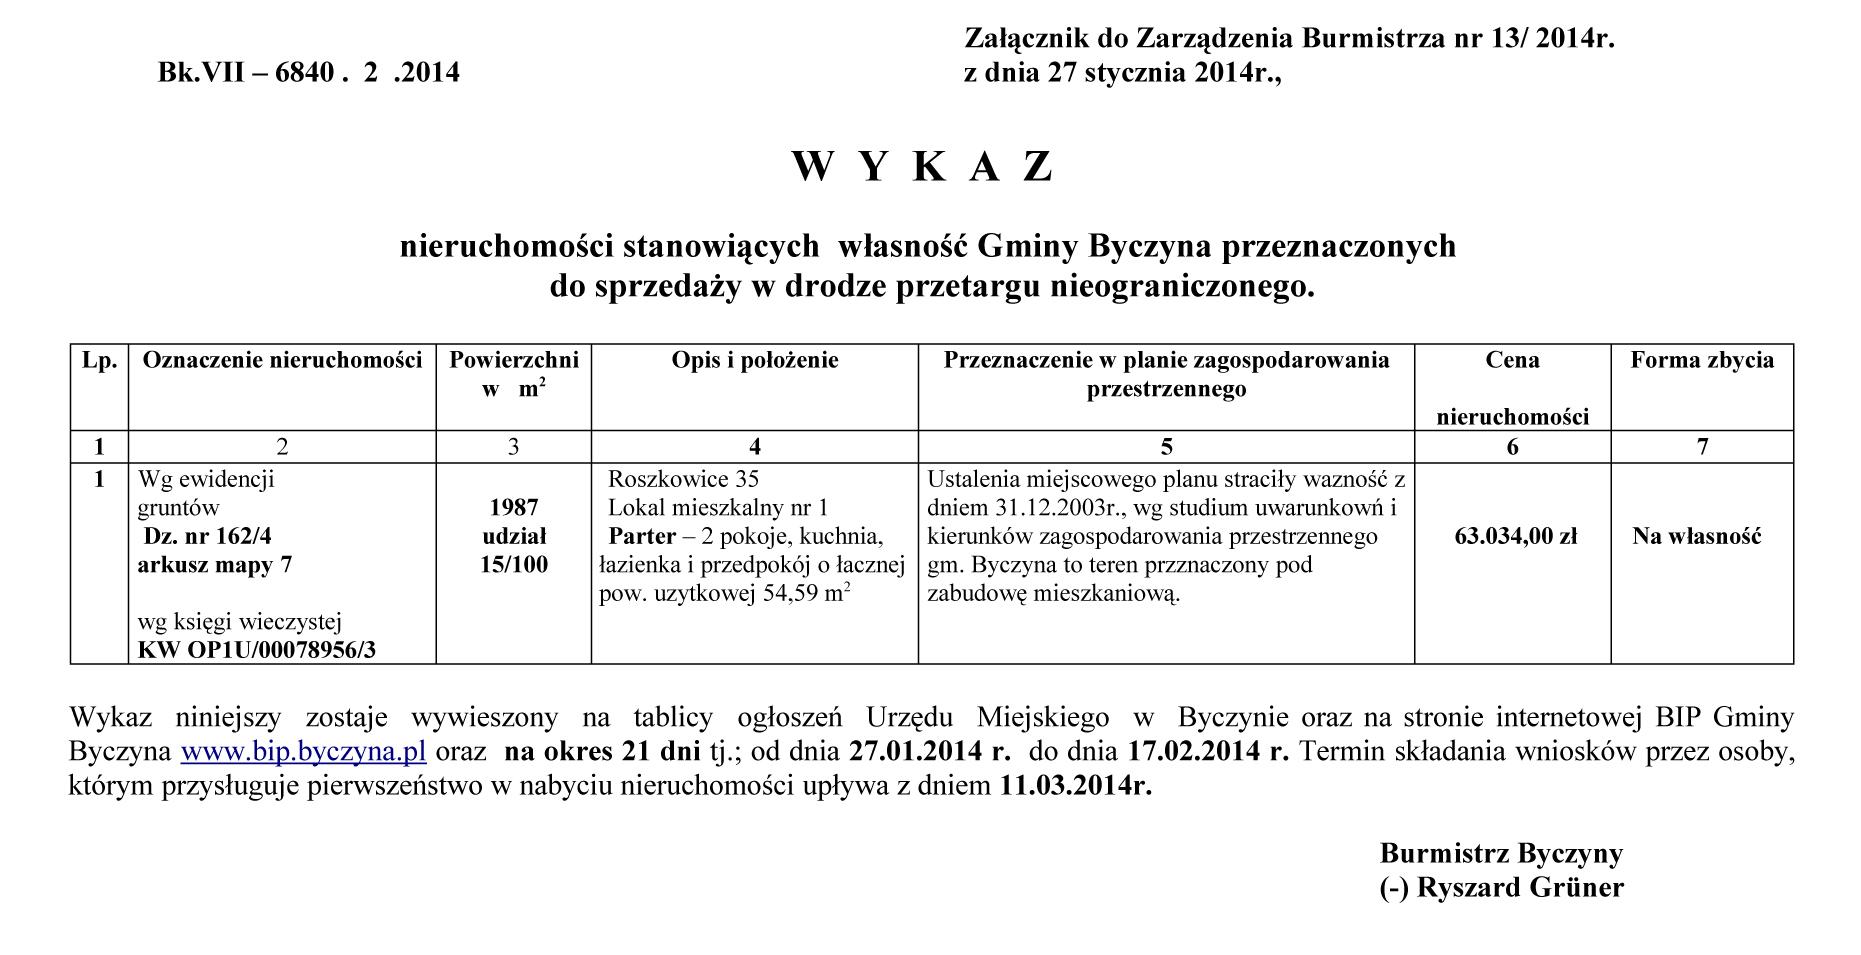 wykaz Bk.VII-6840.2.2014 copy.jpeg